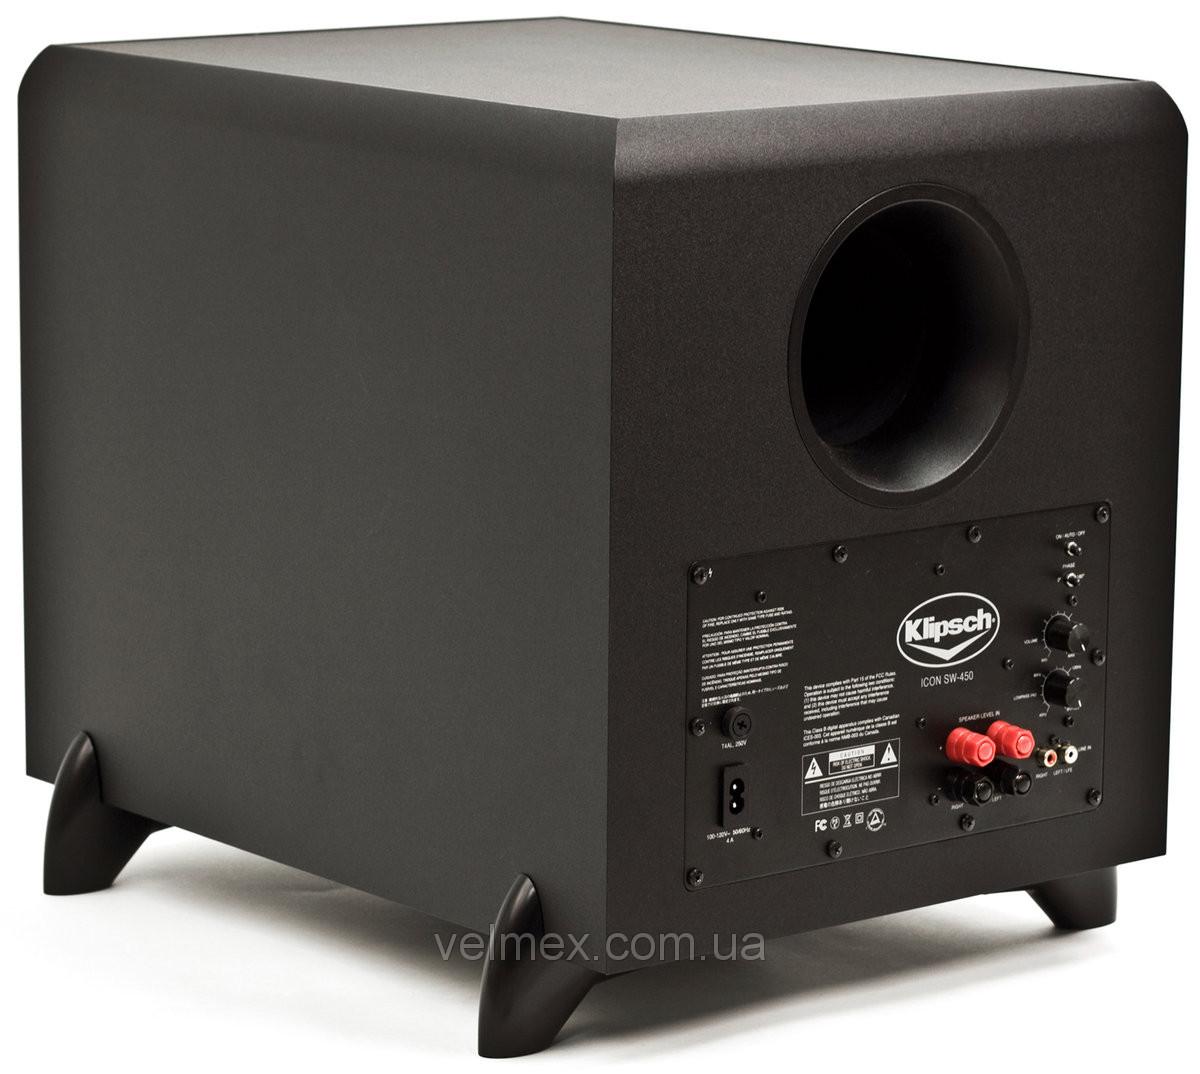 klipsch sw 450 ce 13 720 id 30211894. Black Bedroom Furniture Sets. Home Design Ideas